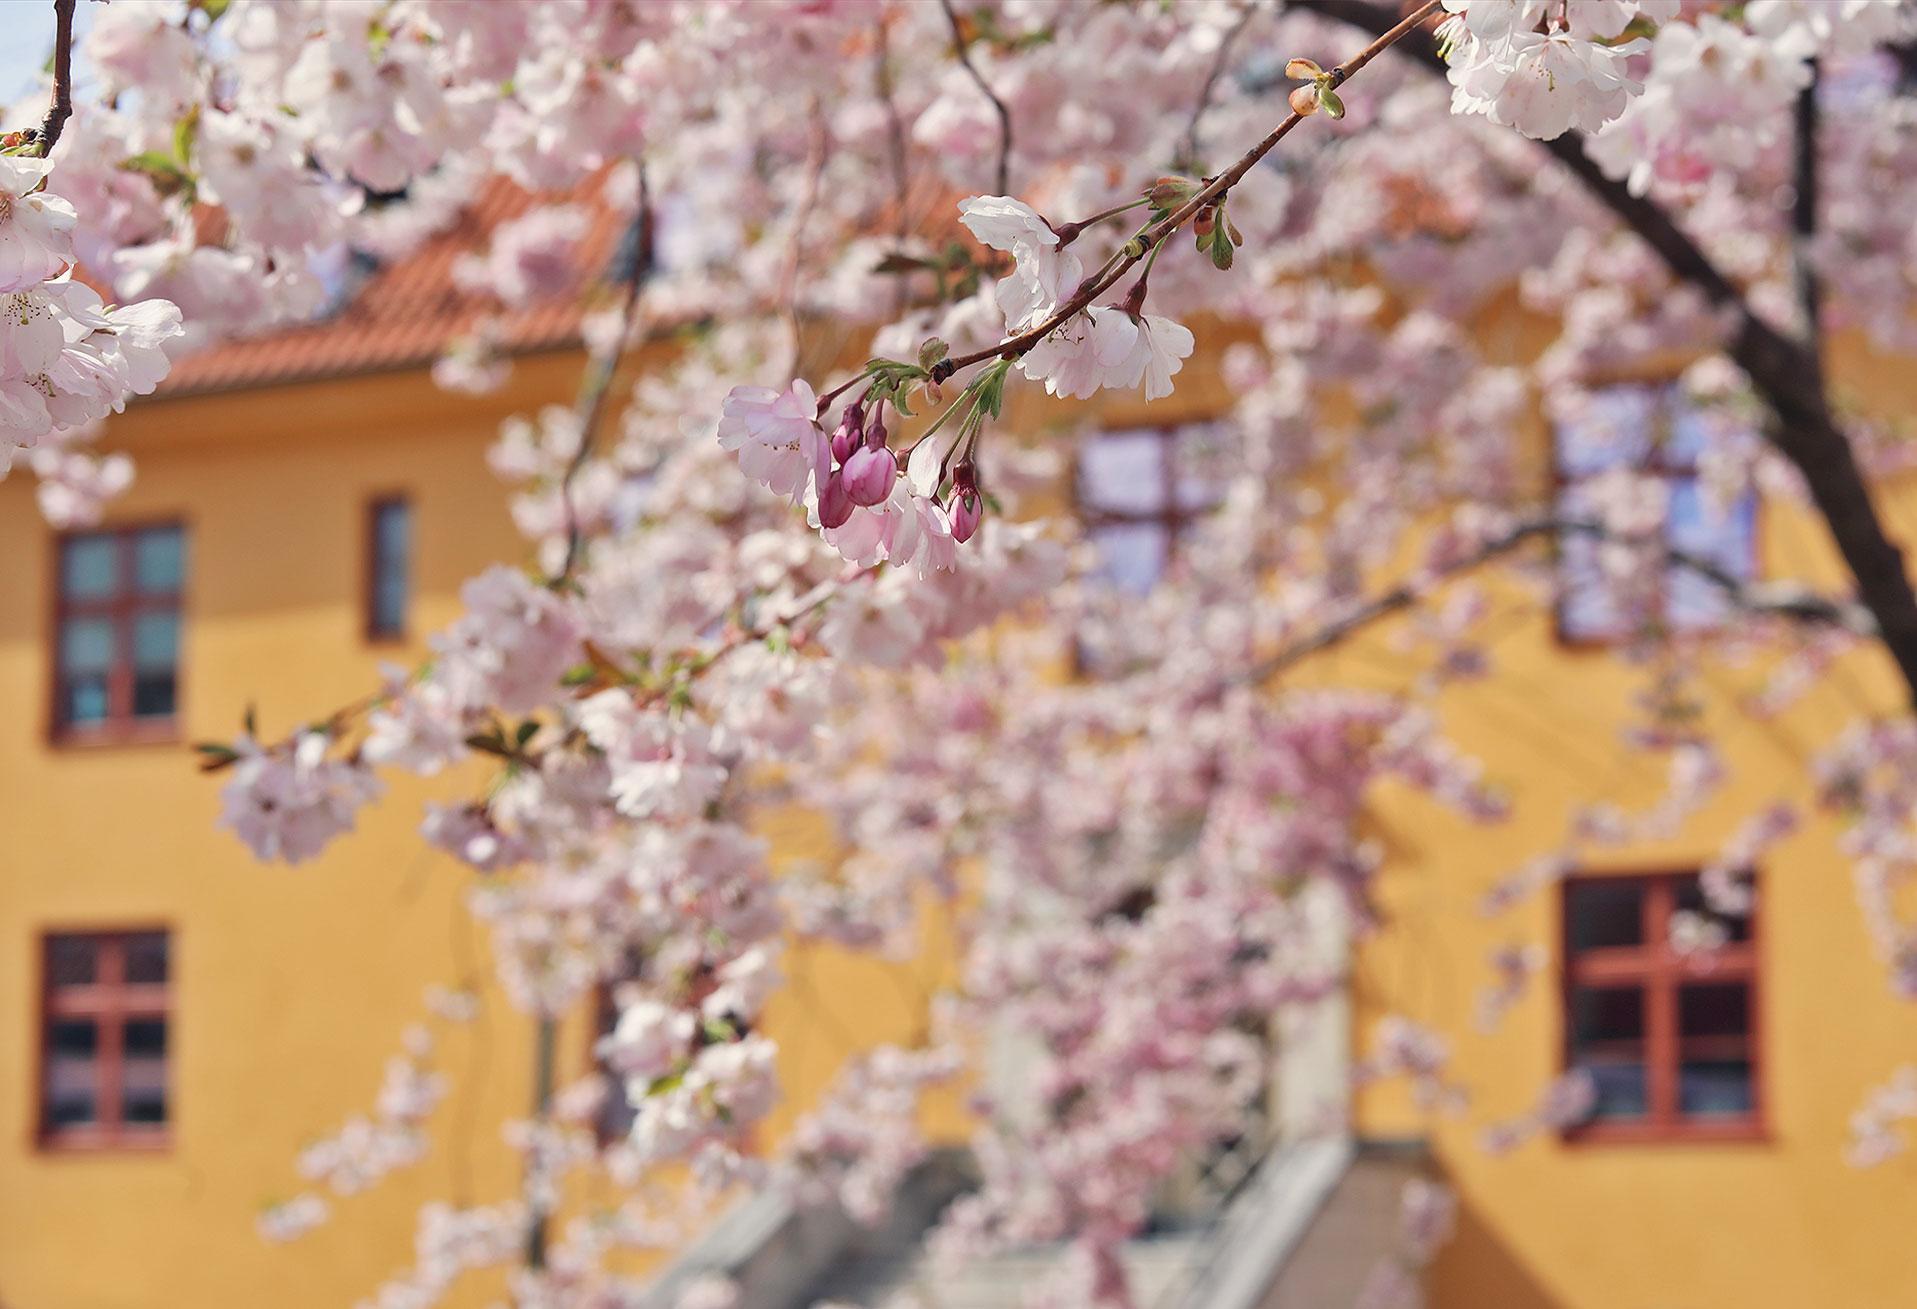 visby gotland körsbärsträd rosa blommor hus april maj vår